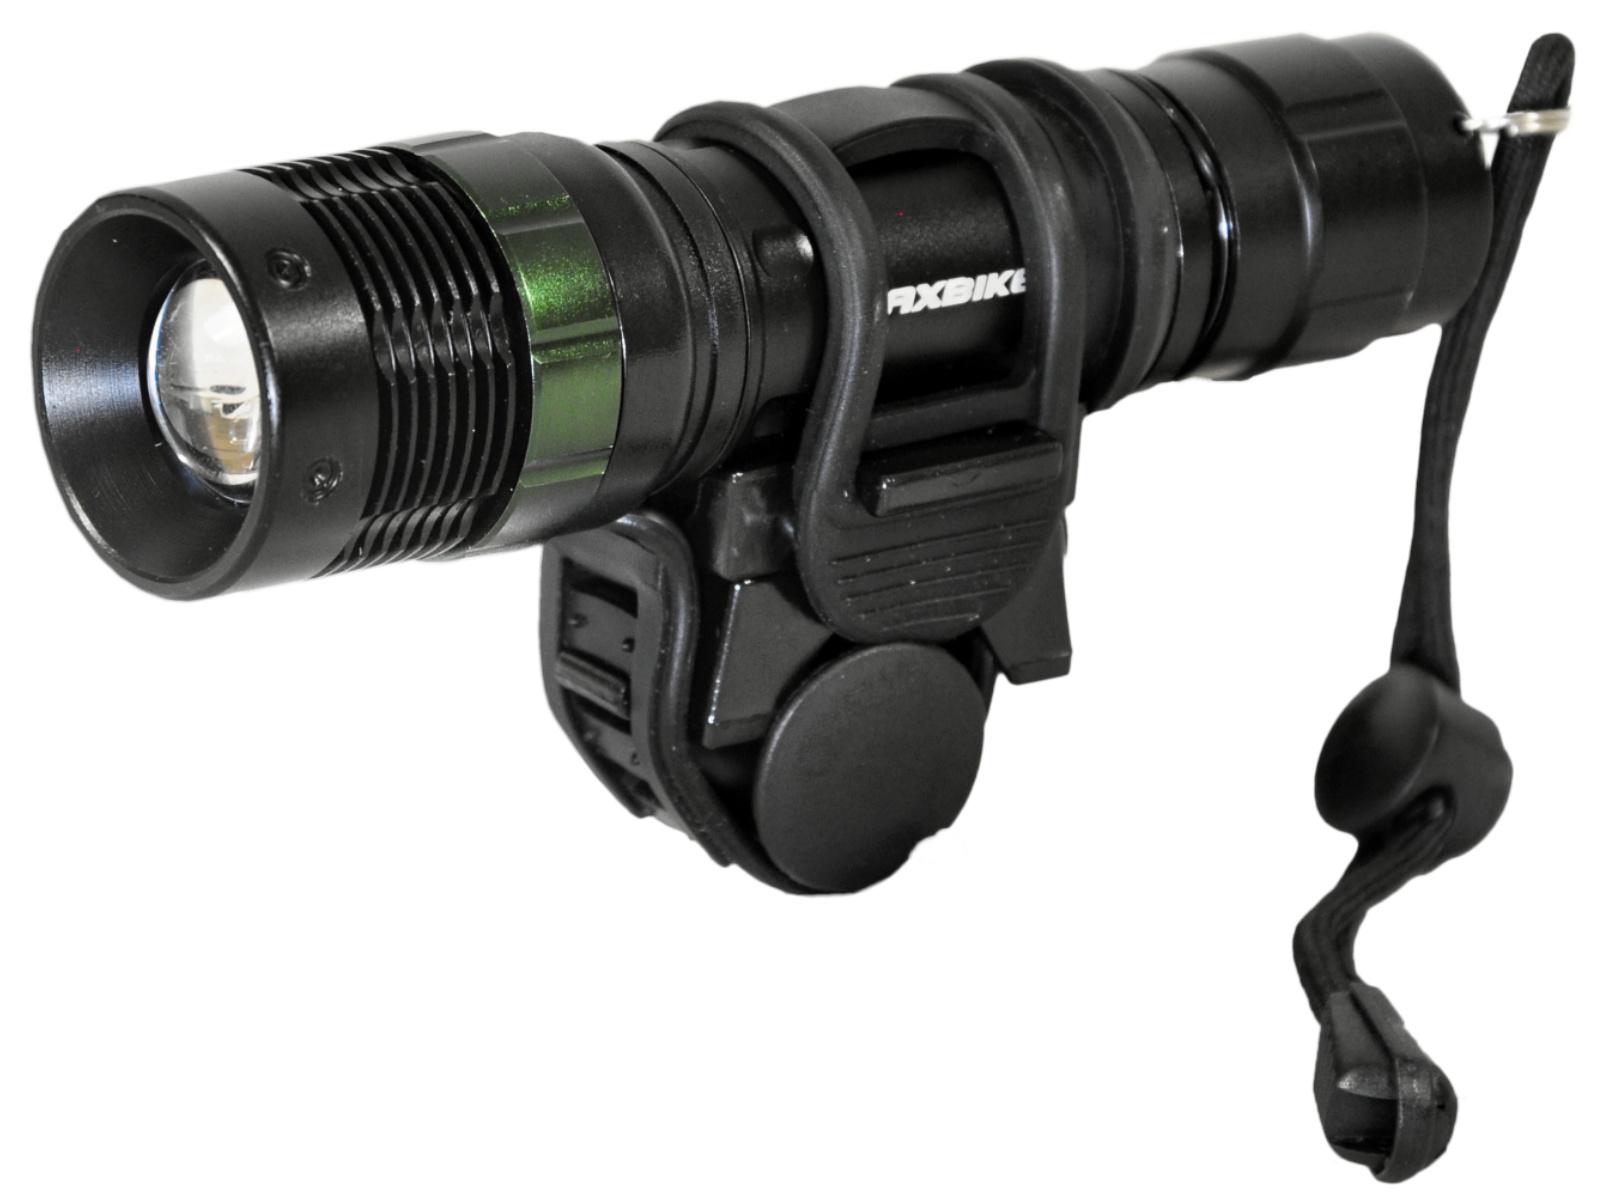 Baterka MAXBIKE JY-871 zoomovací s držákem, 500 lumenů